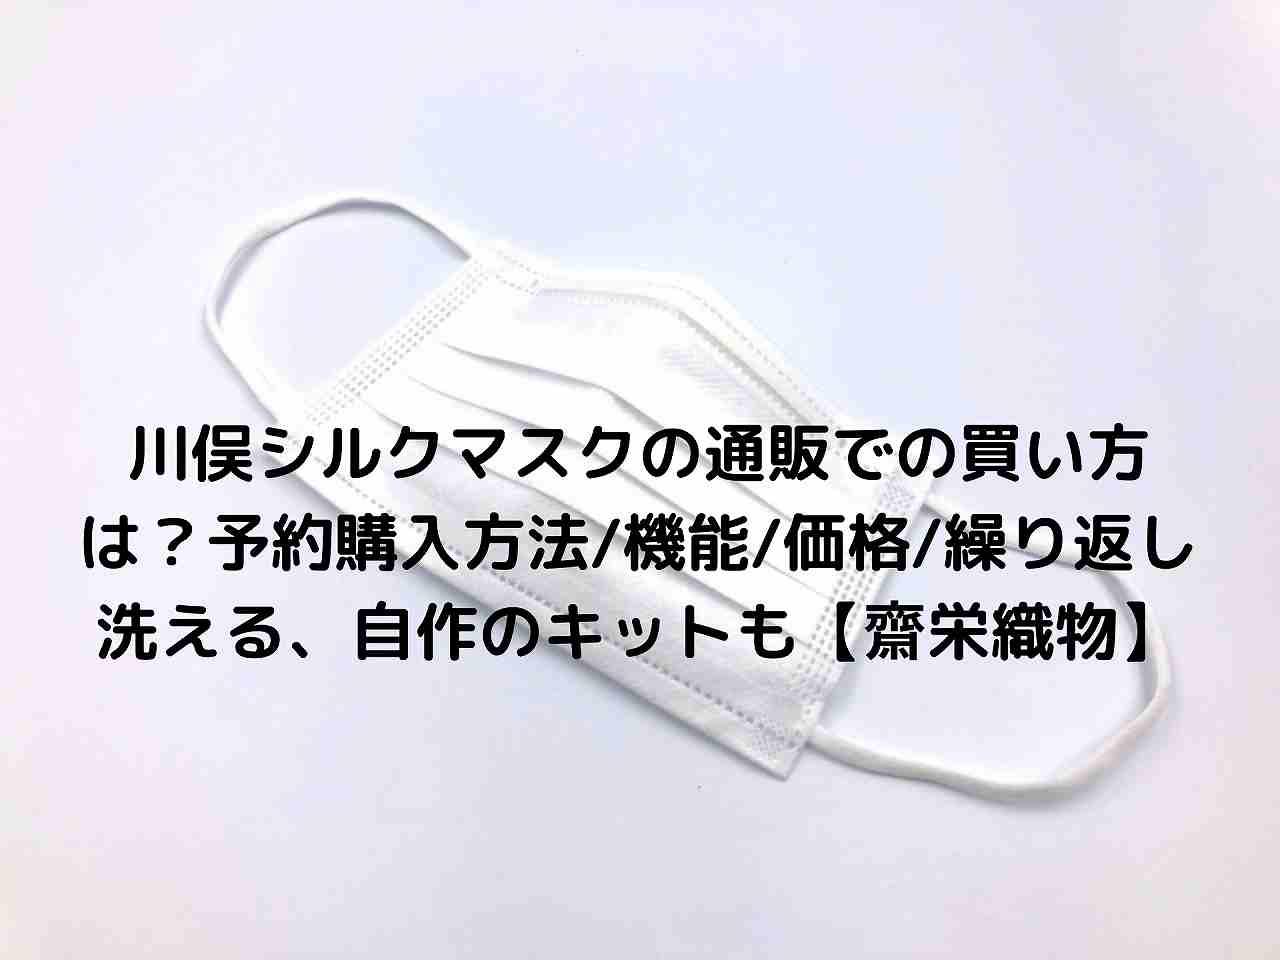 川俣 シルク マスク